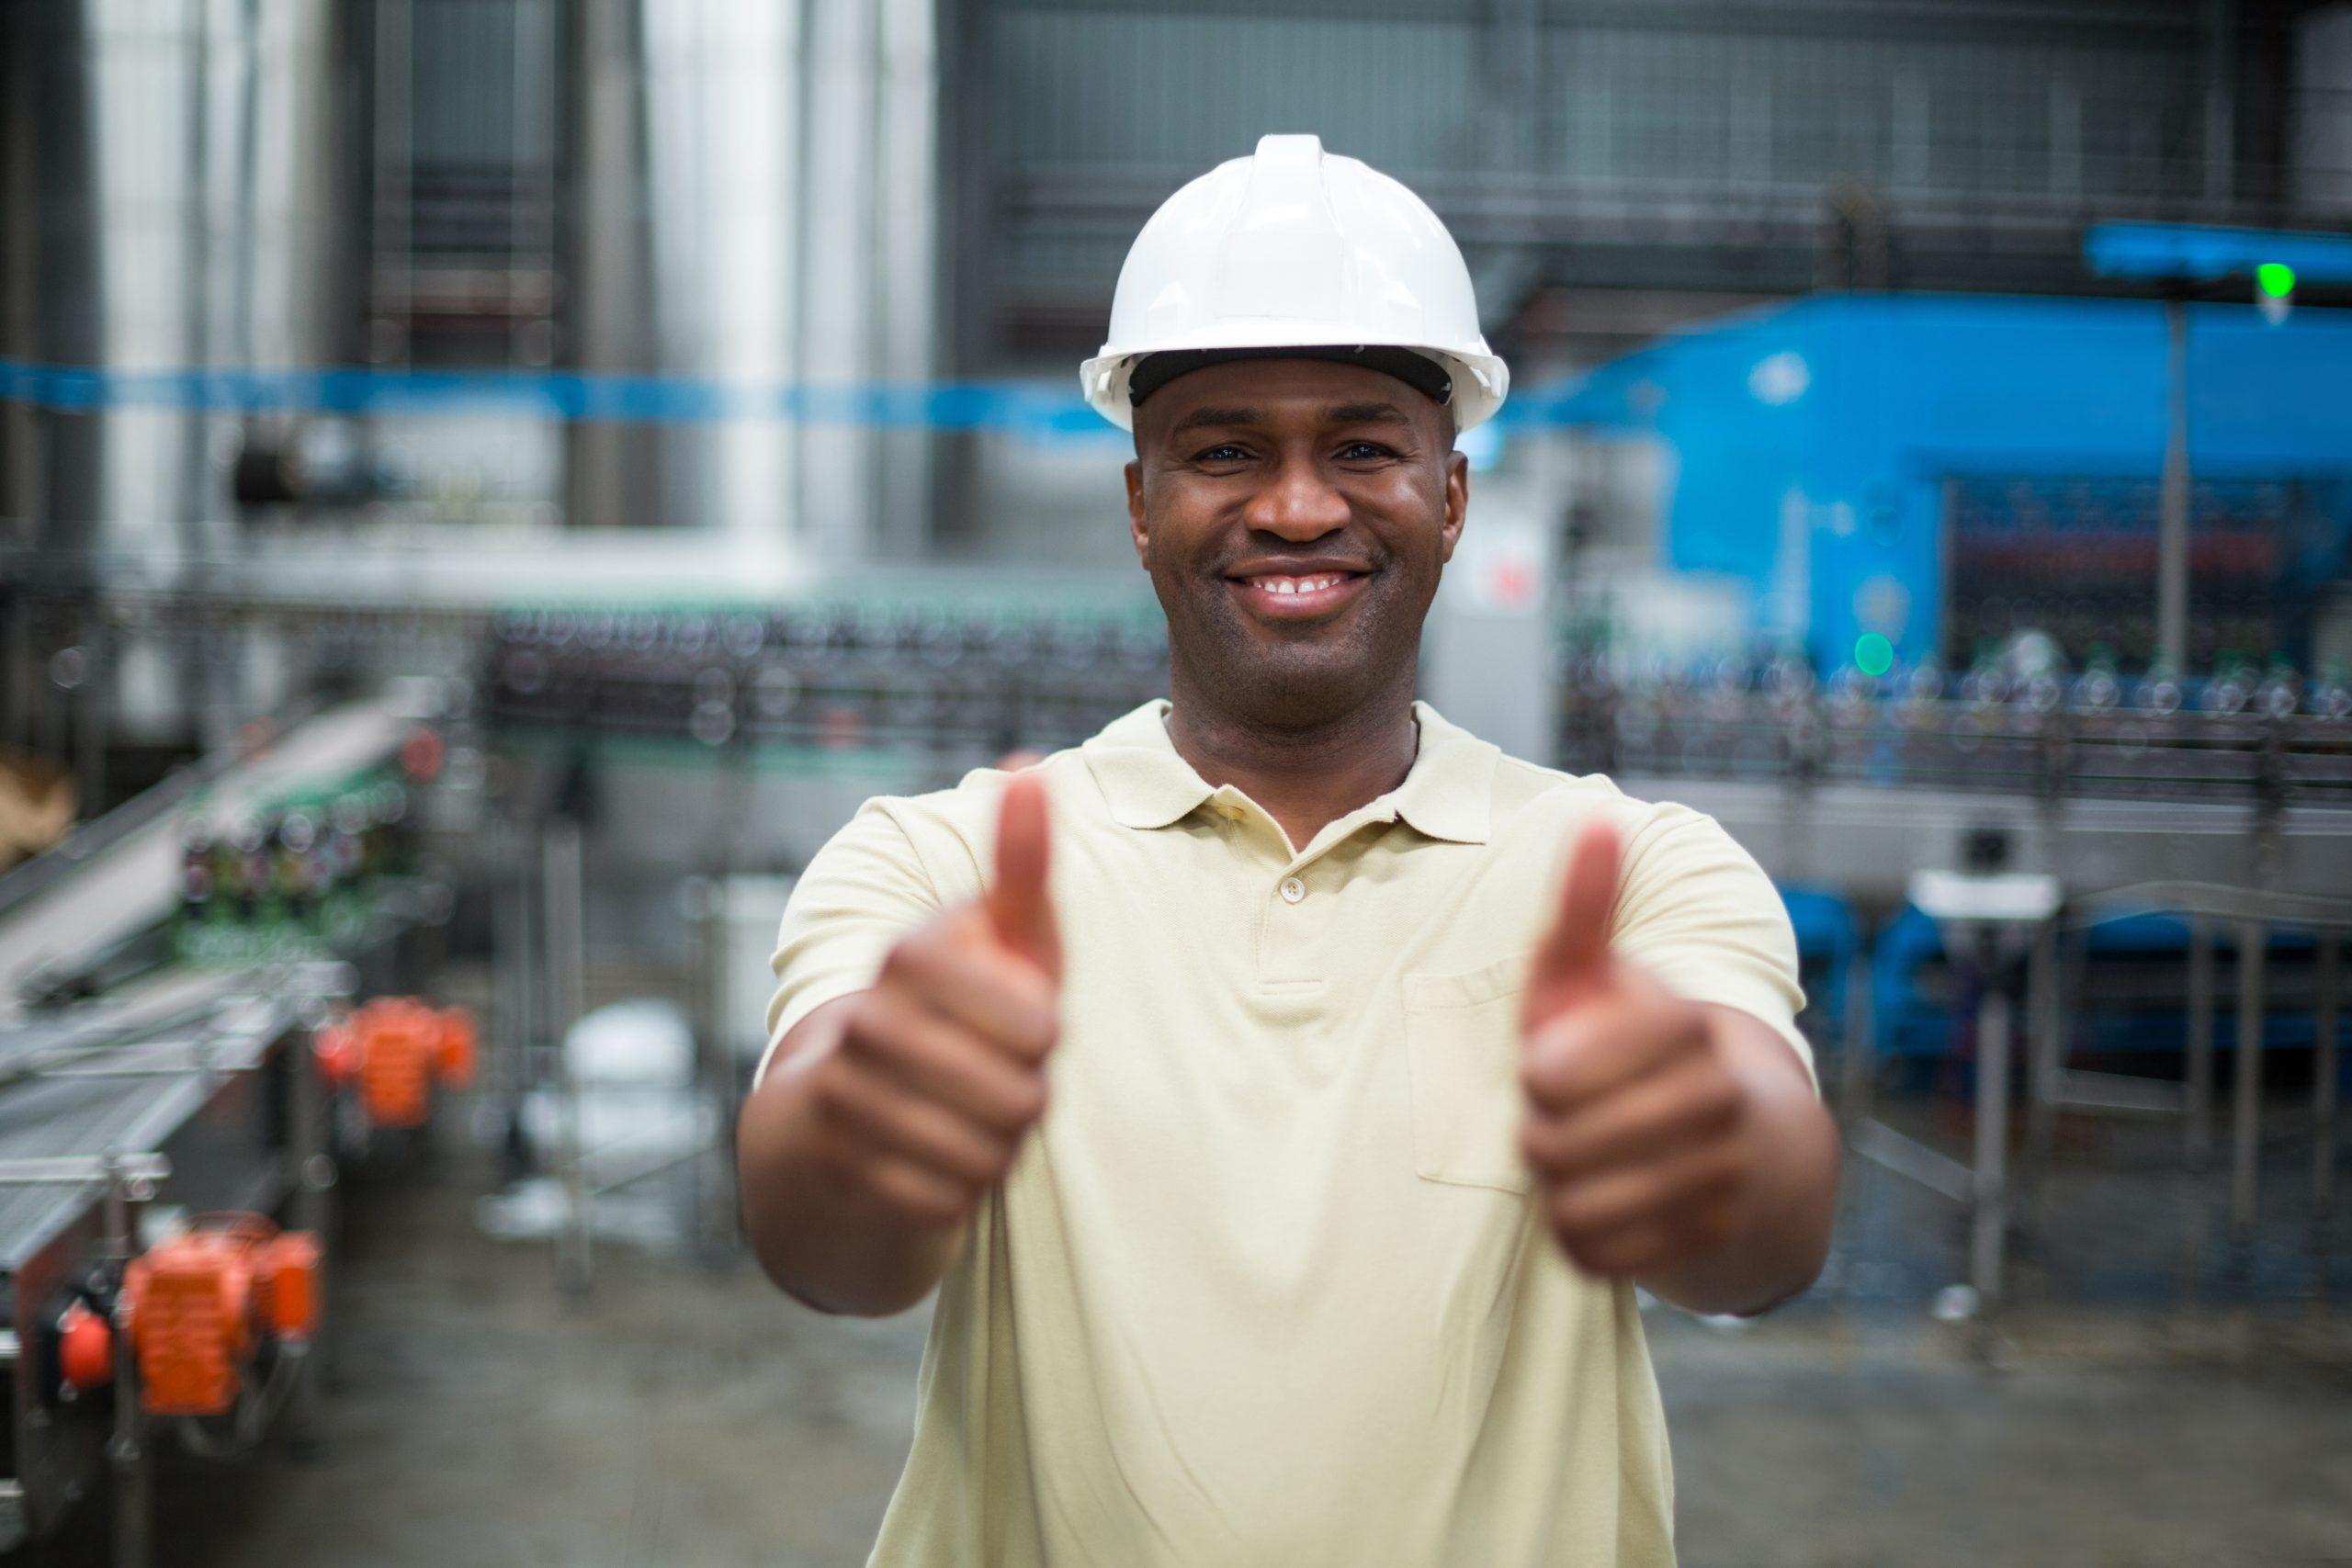 できれば人前に立たない仕事なら工場一択です